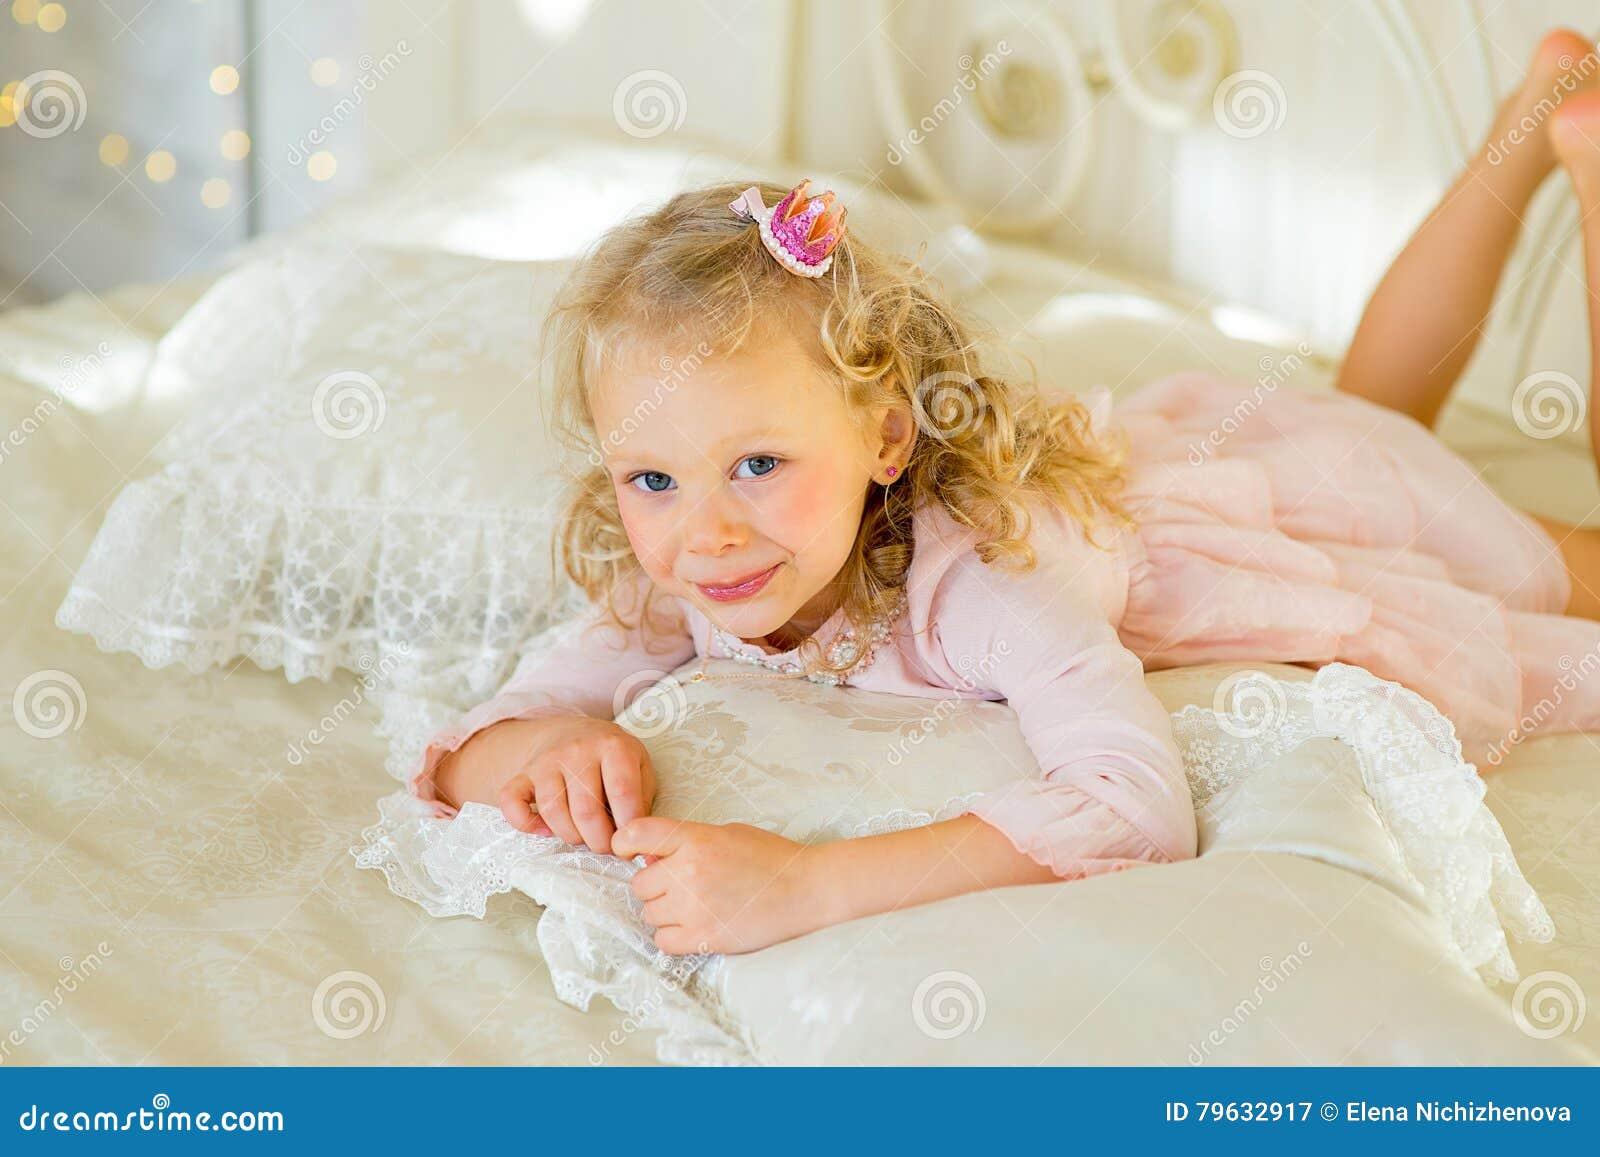 Kleine Prinzessin Auf Dem Bett Stockbild Bild Von Freunde Frisur